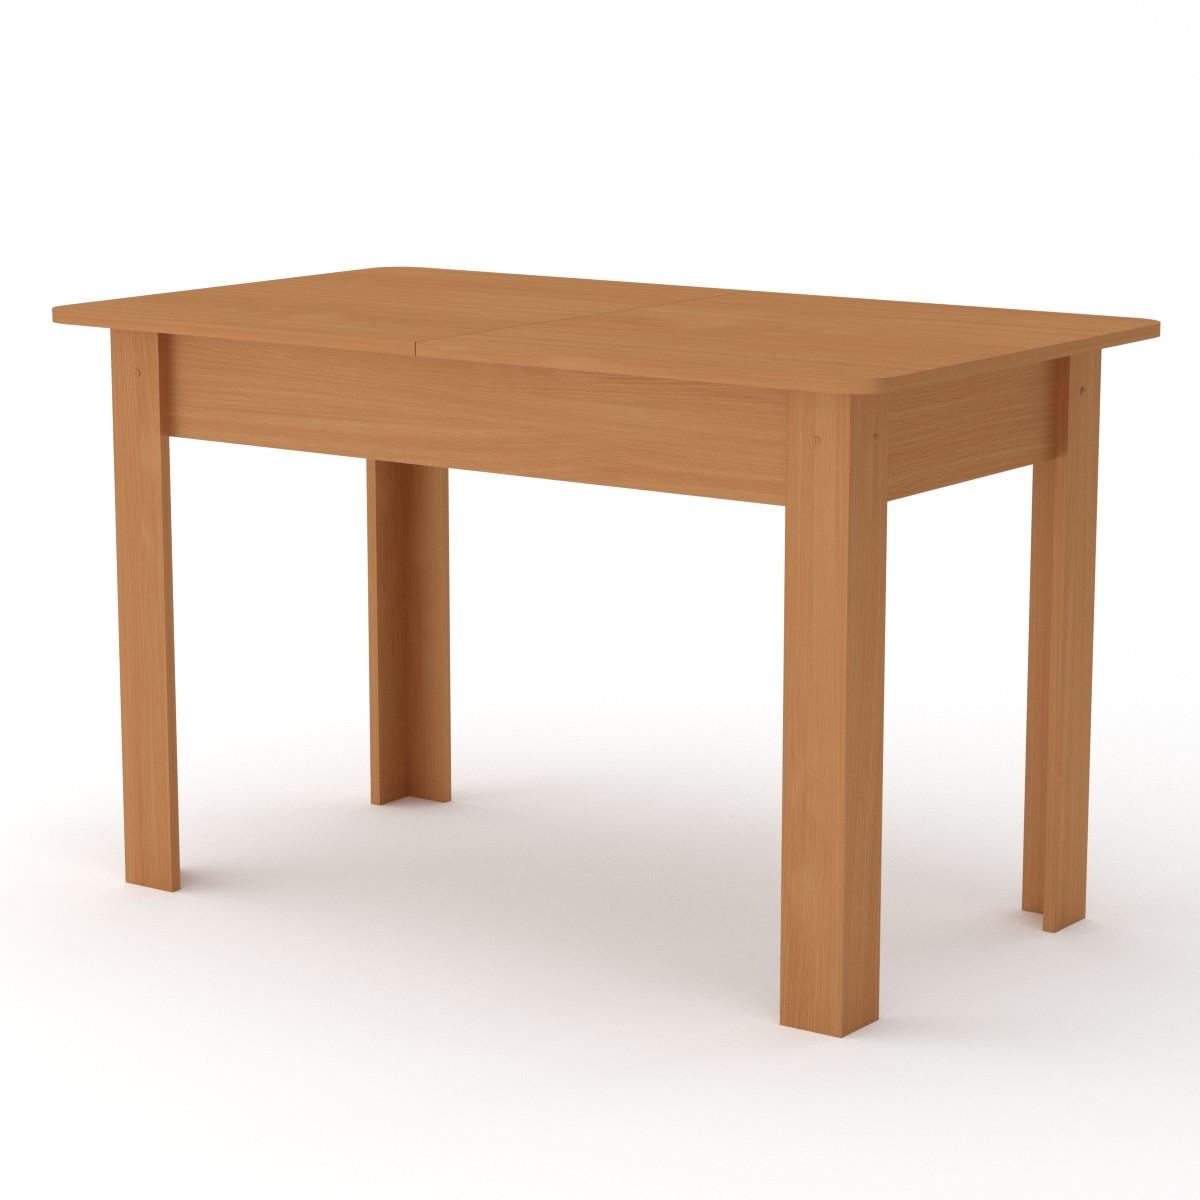 Стол кухонный КС-5 бук Компанит (120х70х74 см)